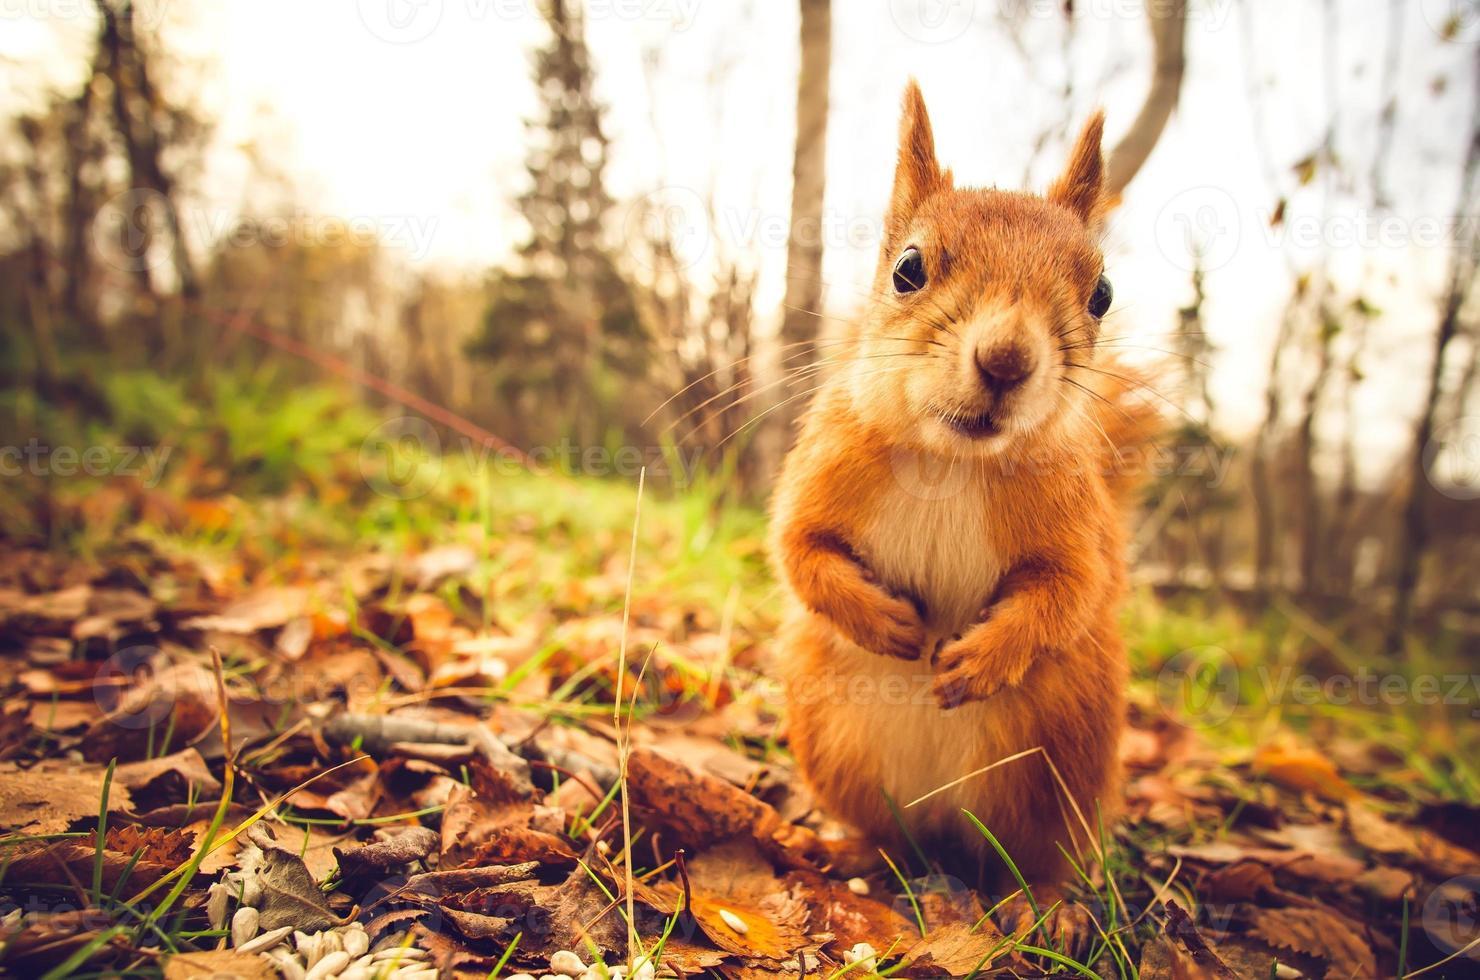 écureuil fourrure rouge drôle animaux de compagnie sauvage nature animal thématique photo